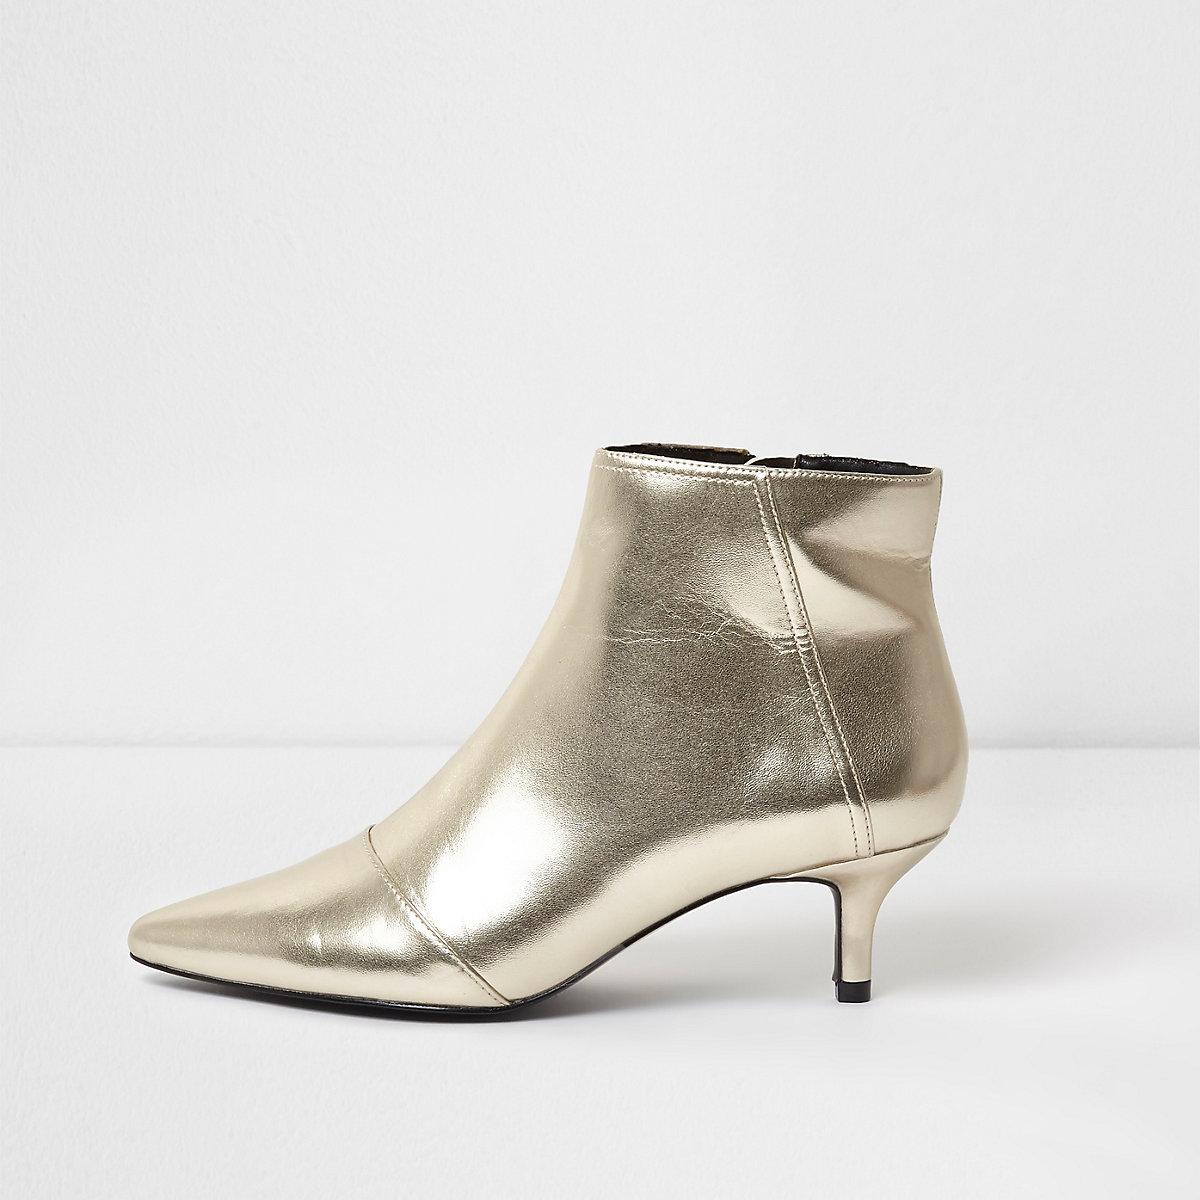 Gold metallic pointed kitten heel ankle boots